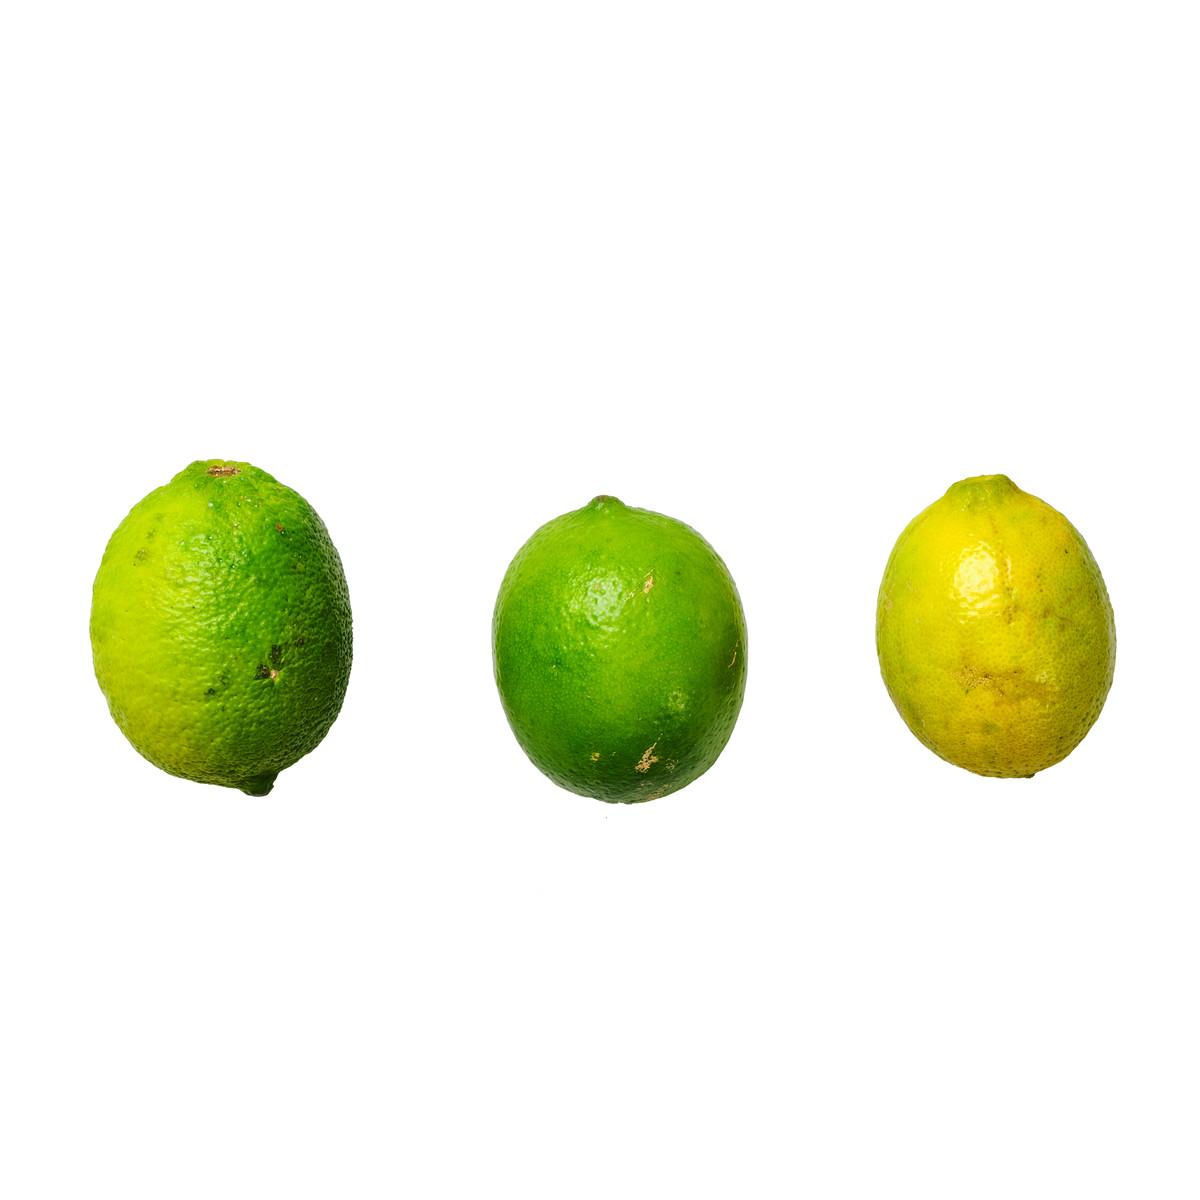 20200228_Gemüse:Obst_Freisteller_19.jpg